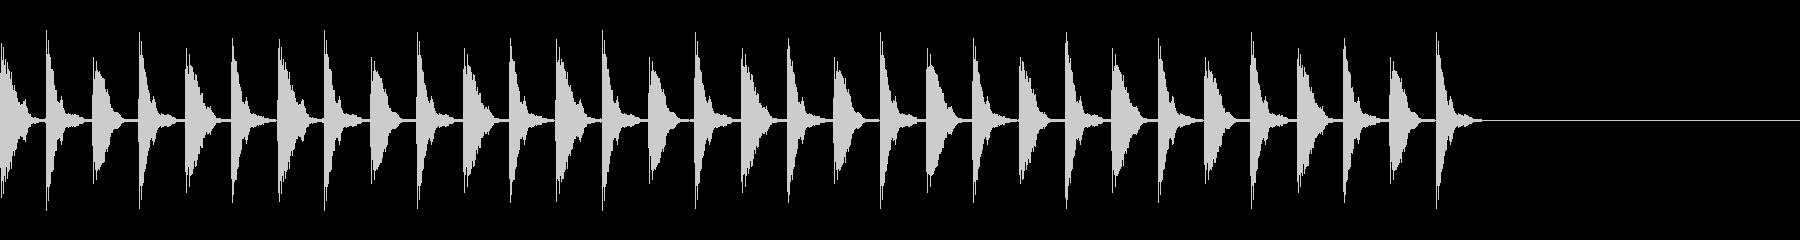 ポカポカ殴るA05の未再生の波形